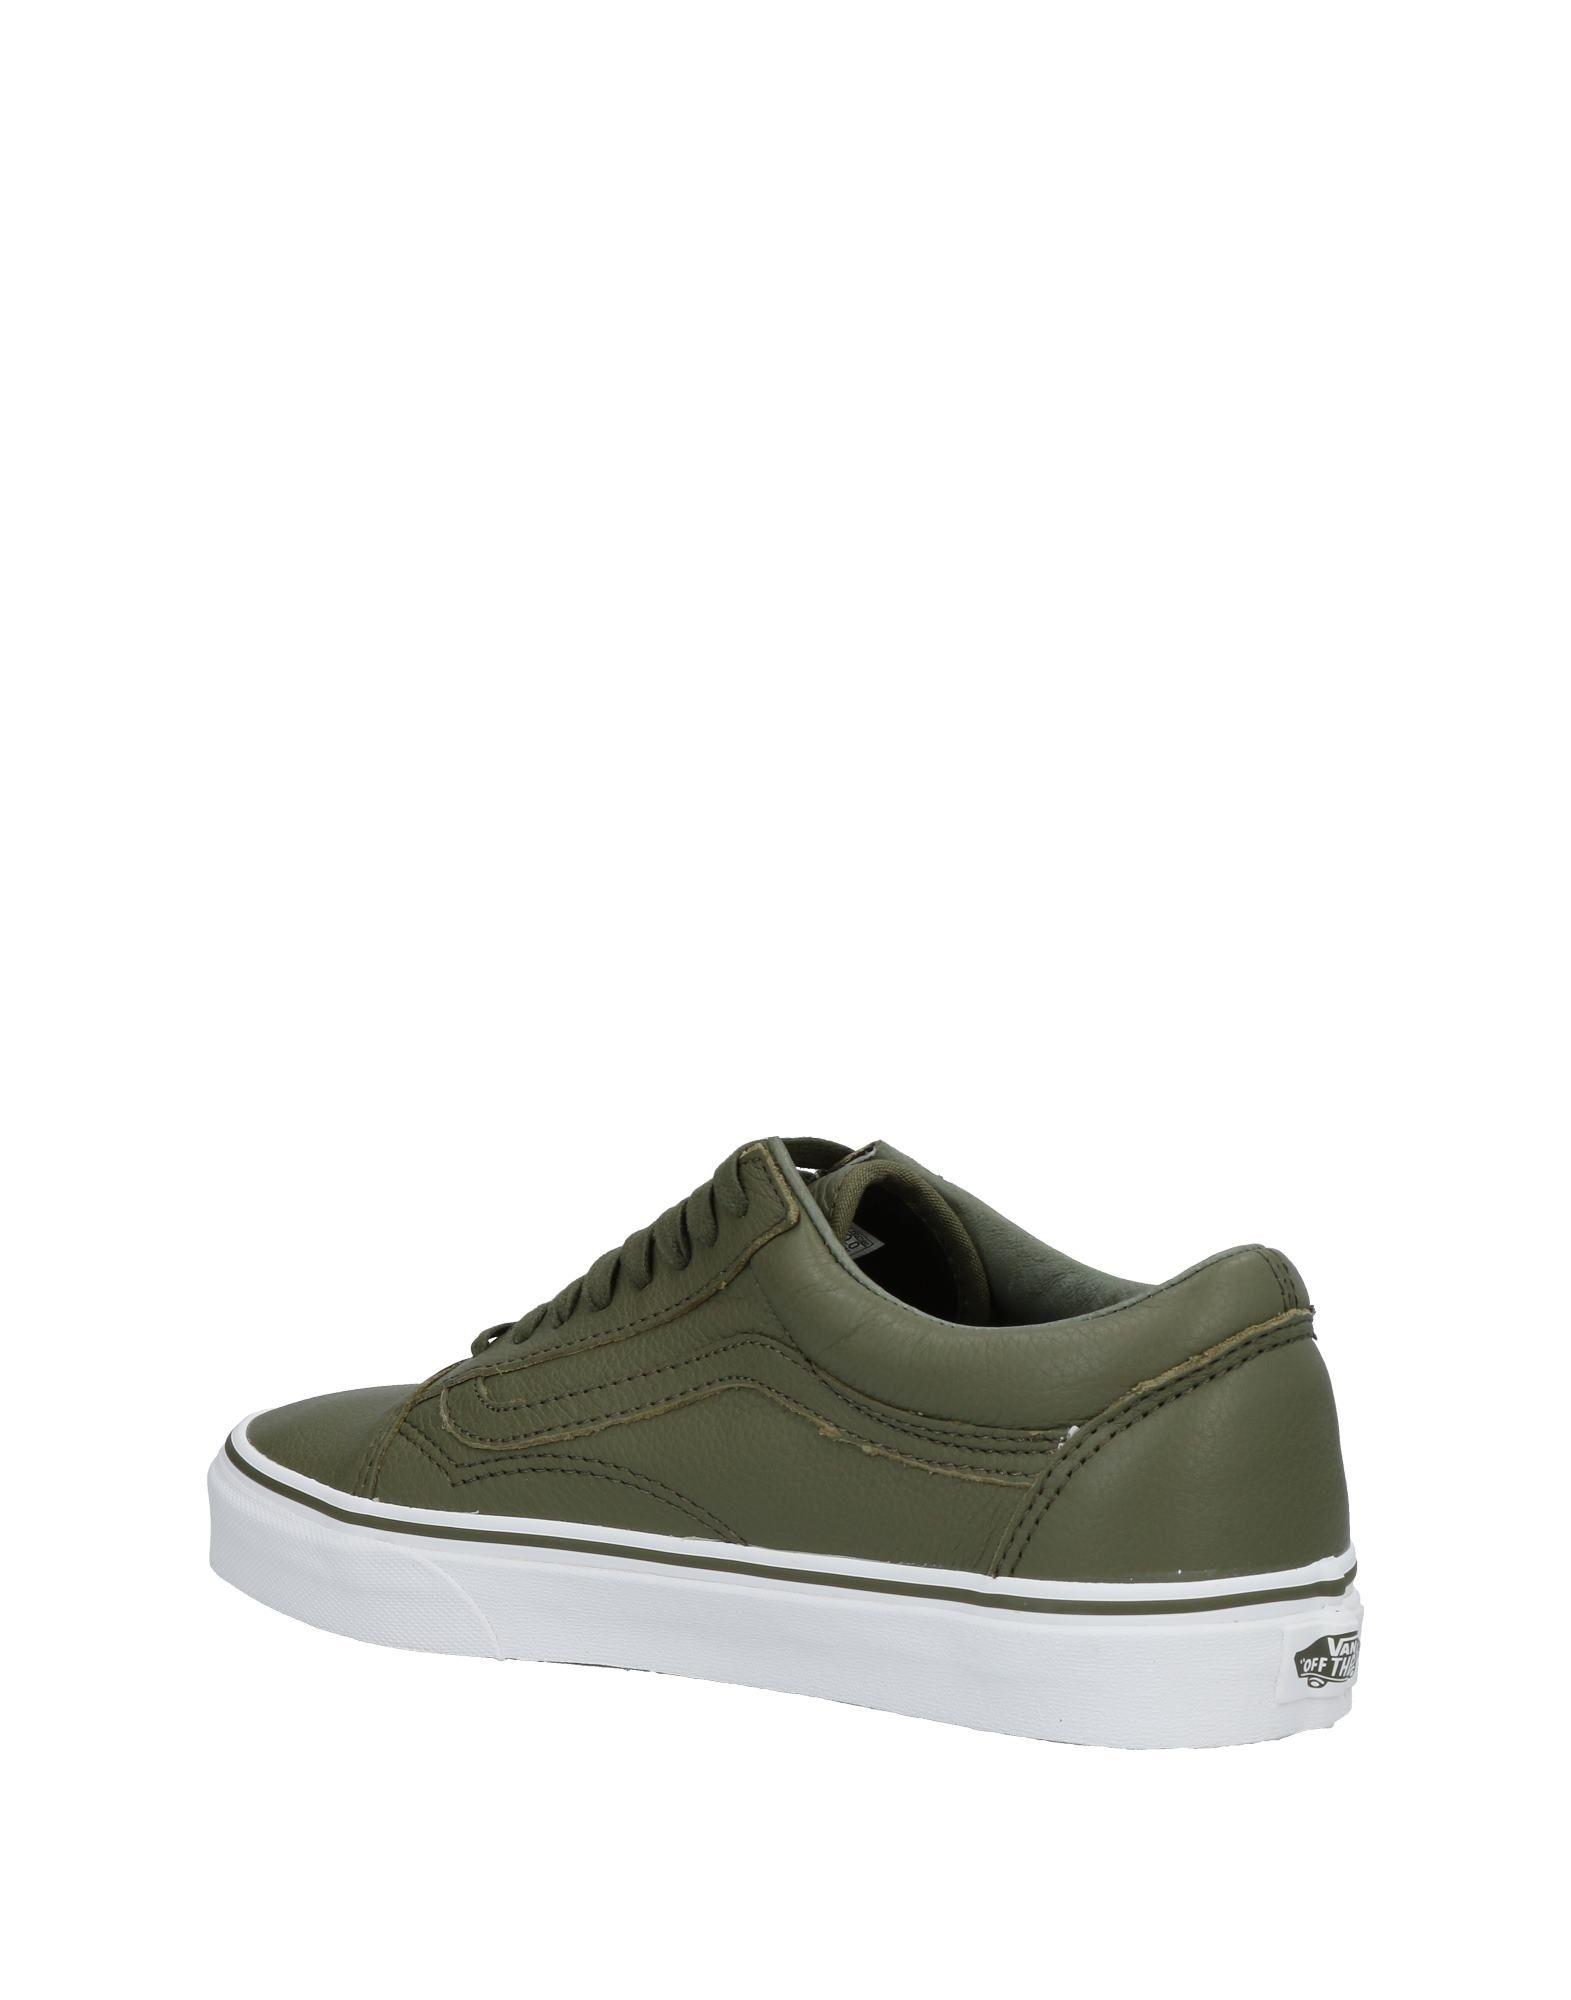 Scarpe economiche e resistenti Sneakers Vans Uomo - 11477932AE